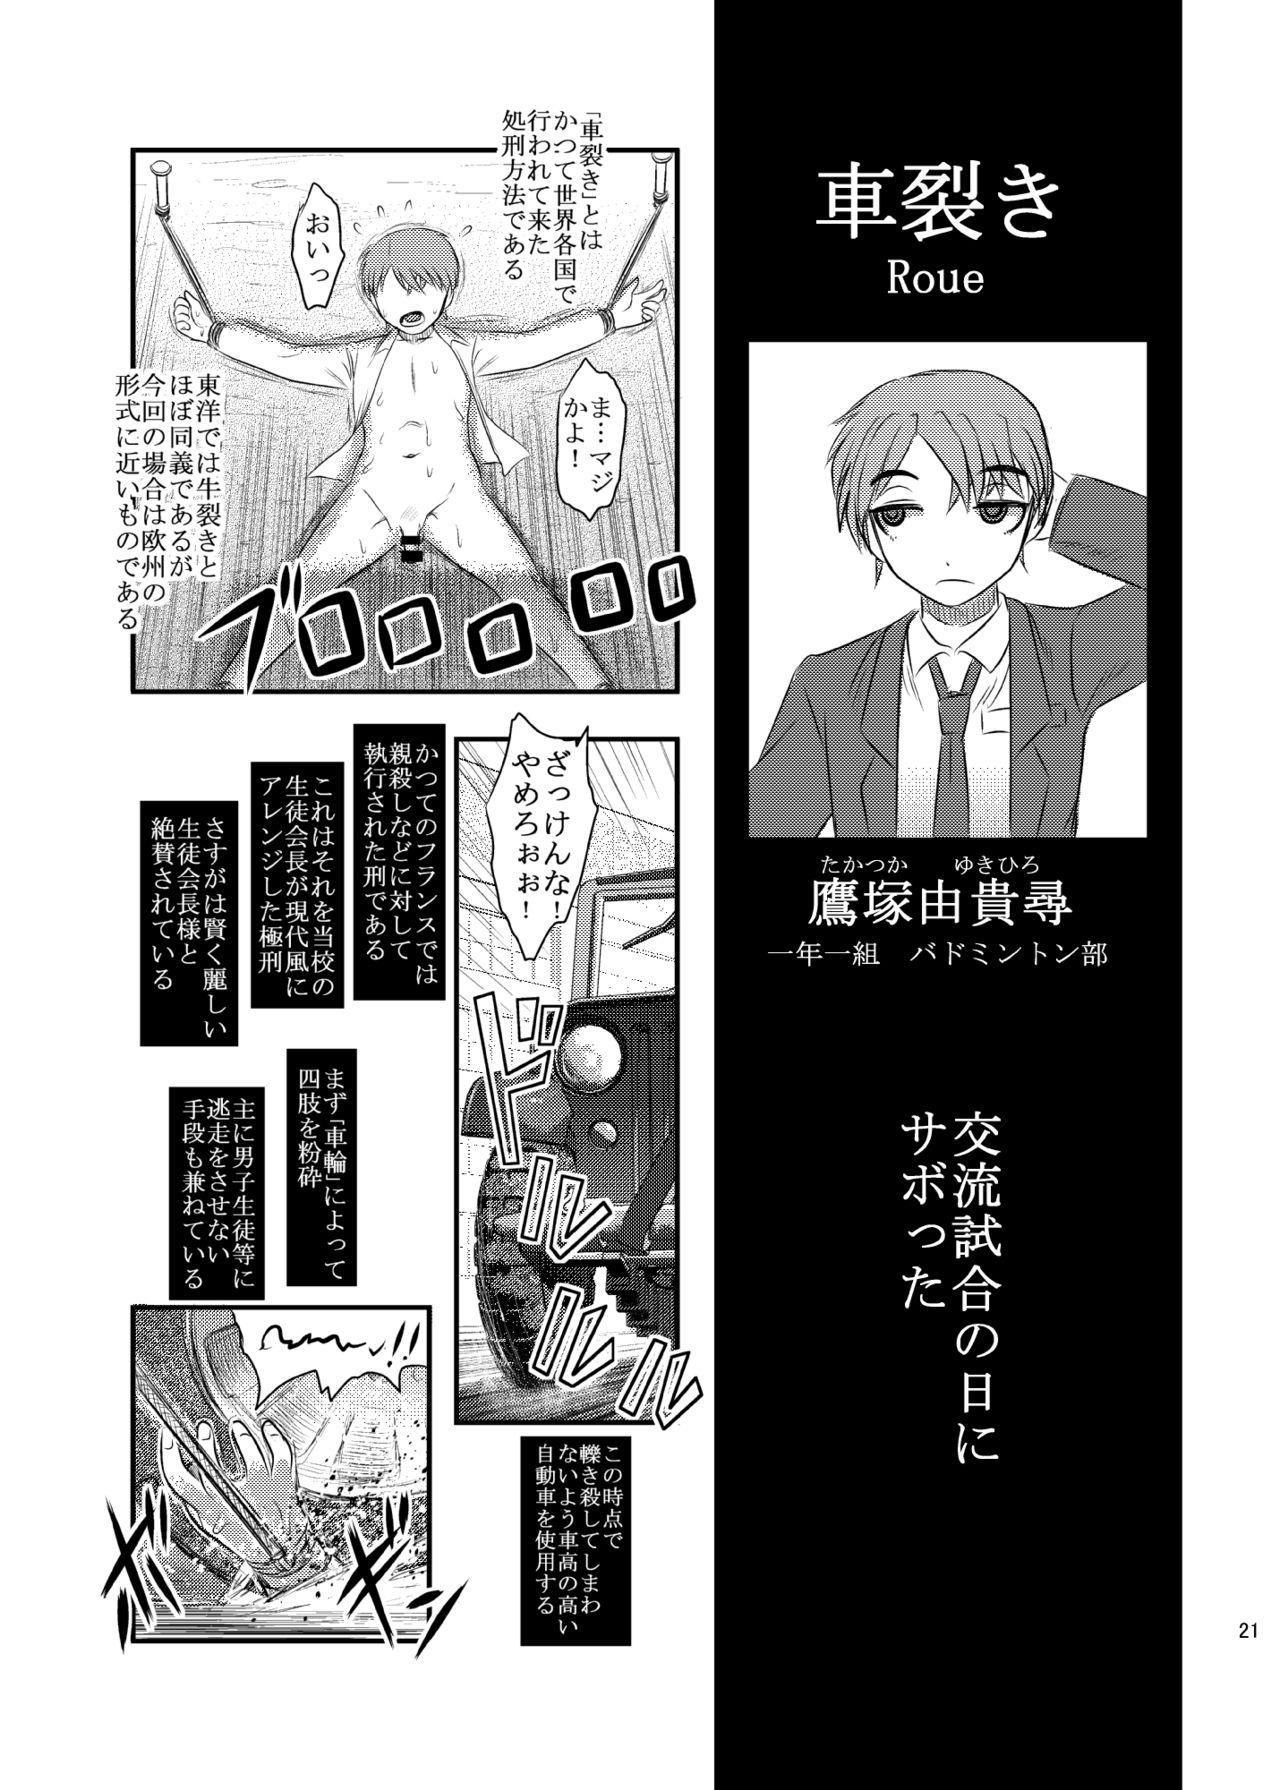 [Uzigaya (Uziga Waita)] Dokudoku vol. 16 Shi-kei Shi-kkou [Digital] 19